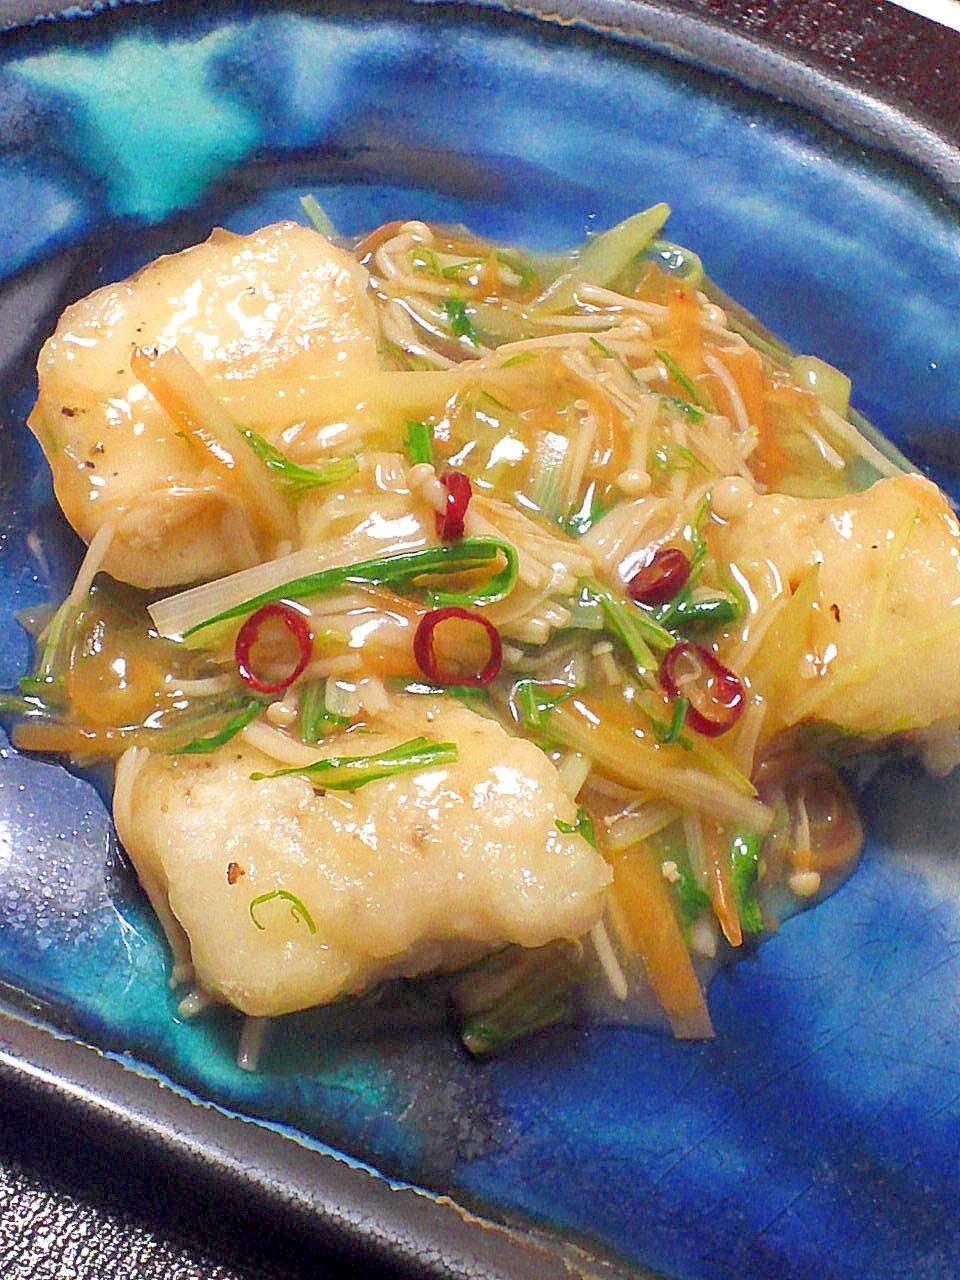 めんつゆとみりんで割烹の味☆鱈の彩り野菜あん レシピ・作り方 by fukuwajutu 楽天レシピ